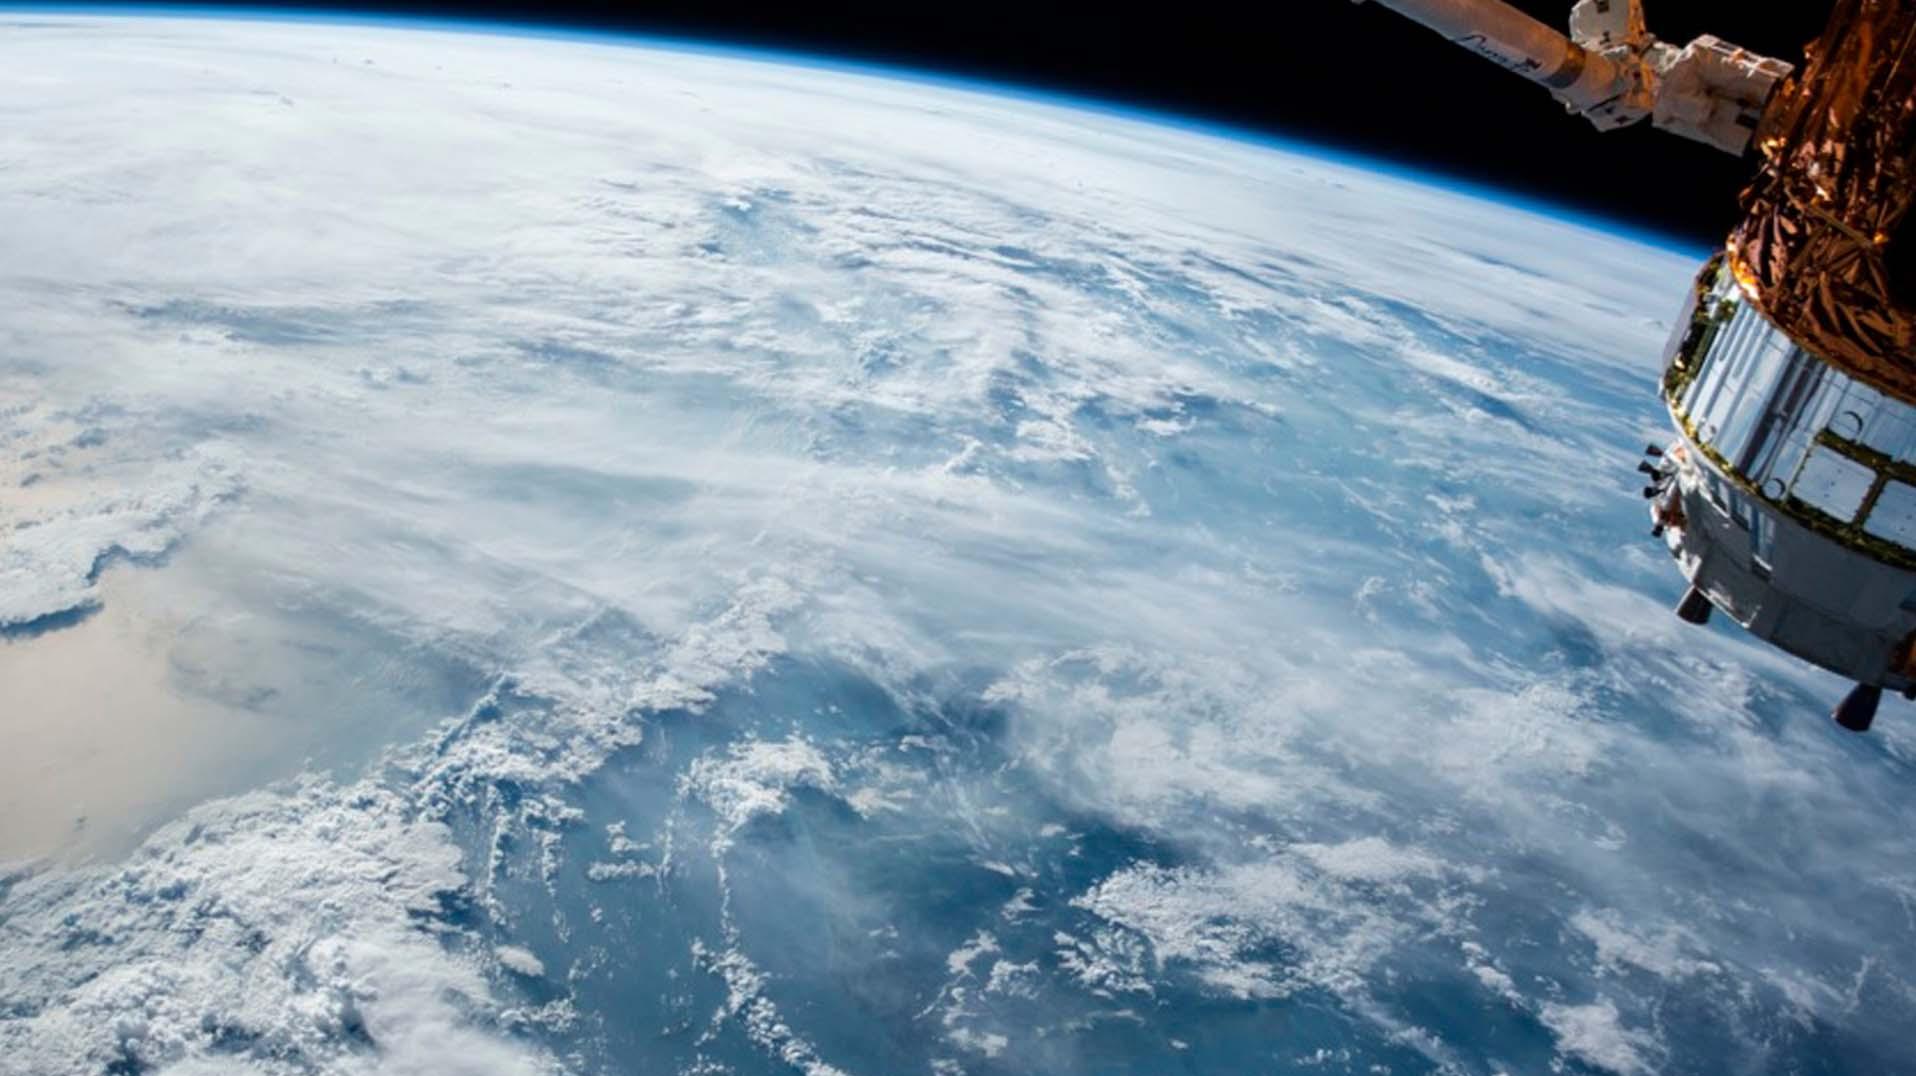 Image for InnORBIT – početak projekta kojemu je cilj potaknuti komercijalizaciju istraživanja svemira